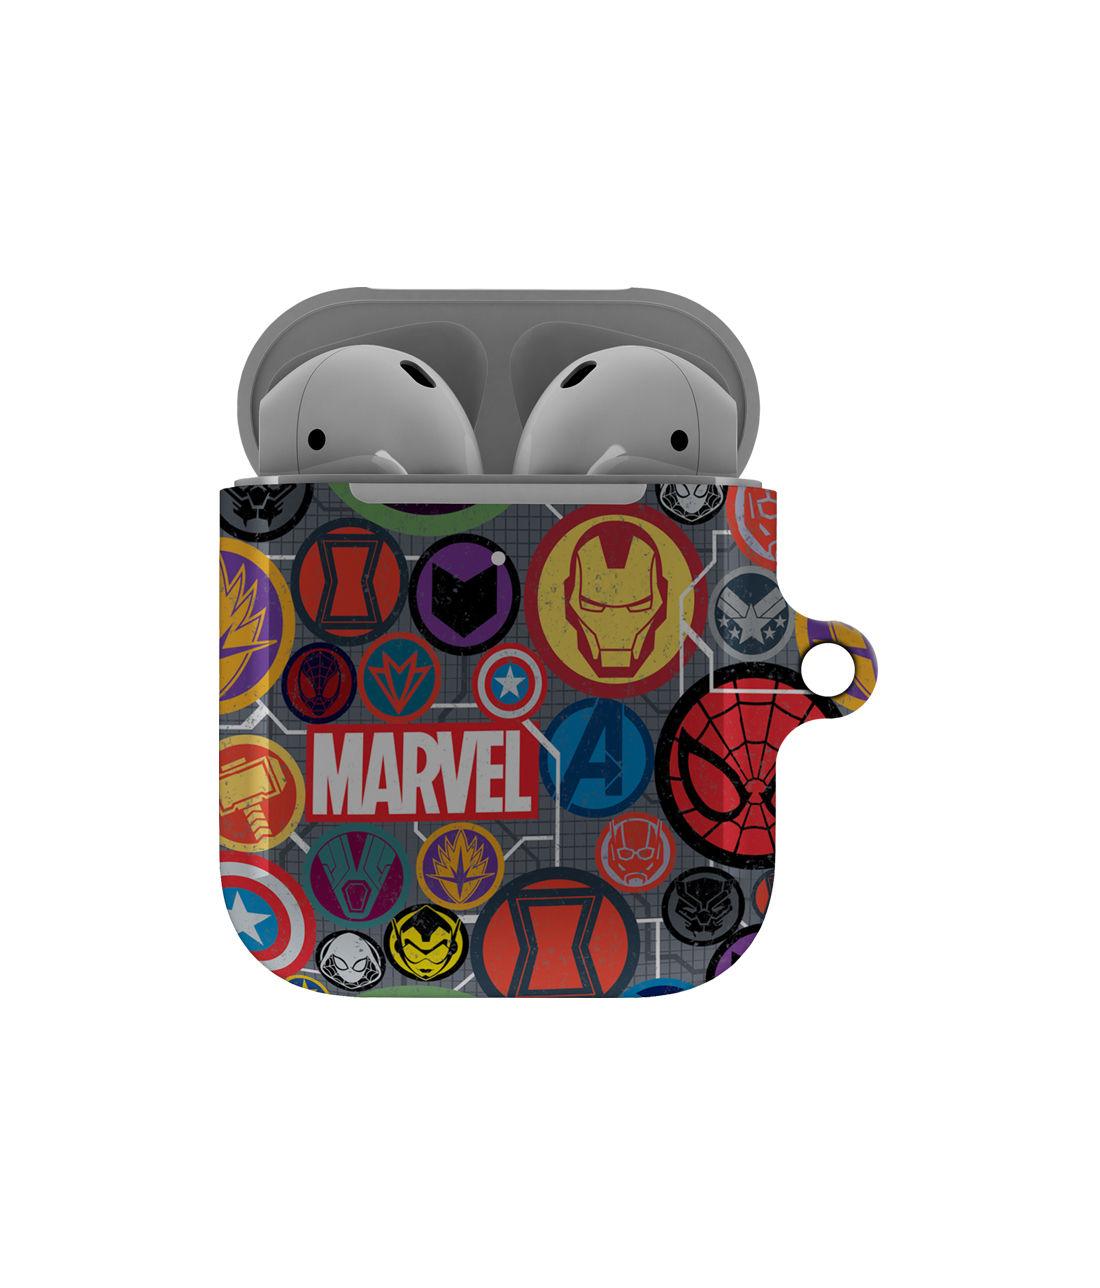 Marvel Iconic Mashup - Hard Shell Airpod Case